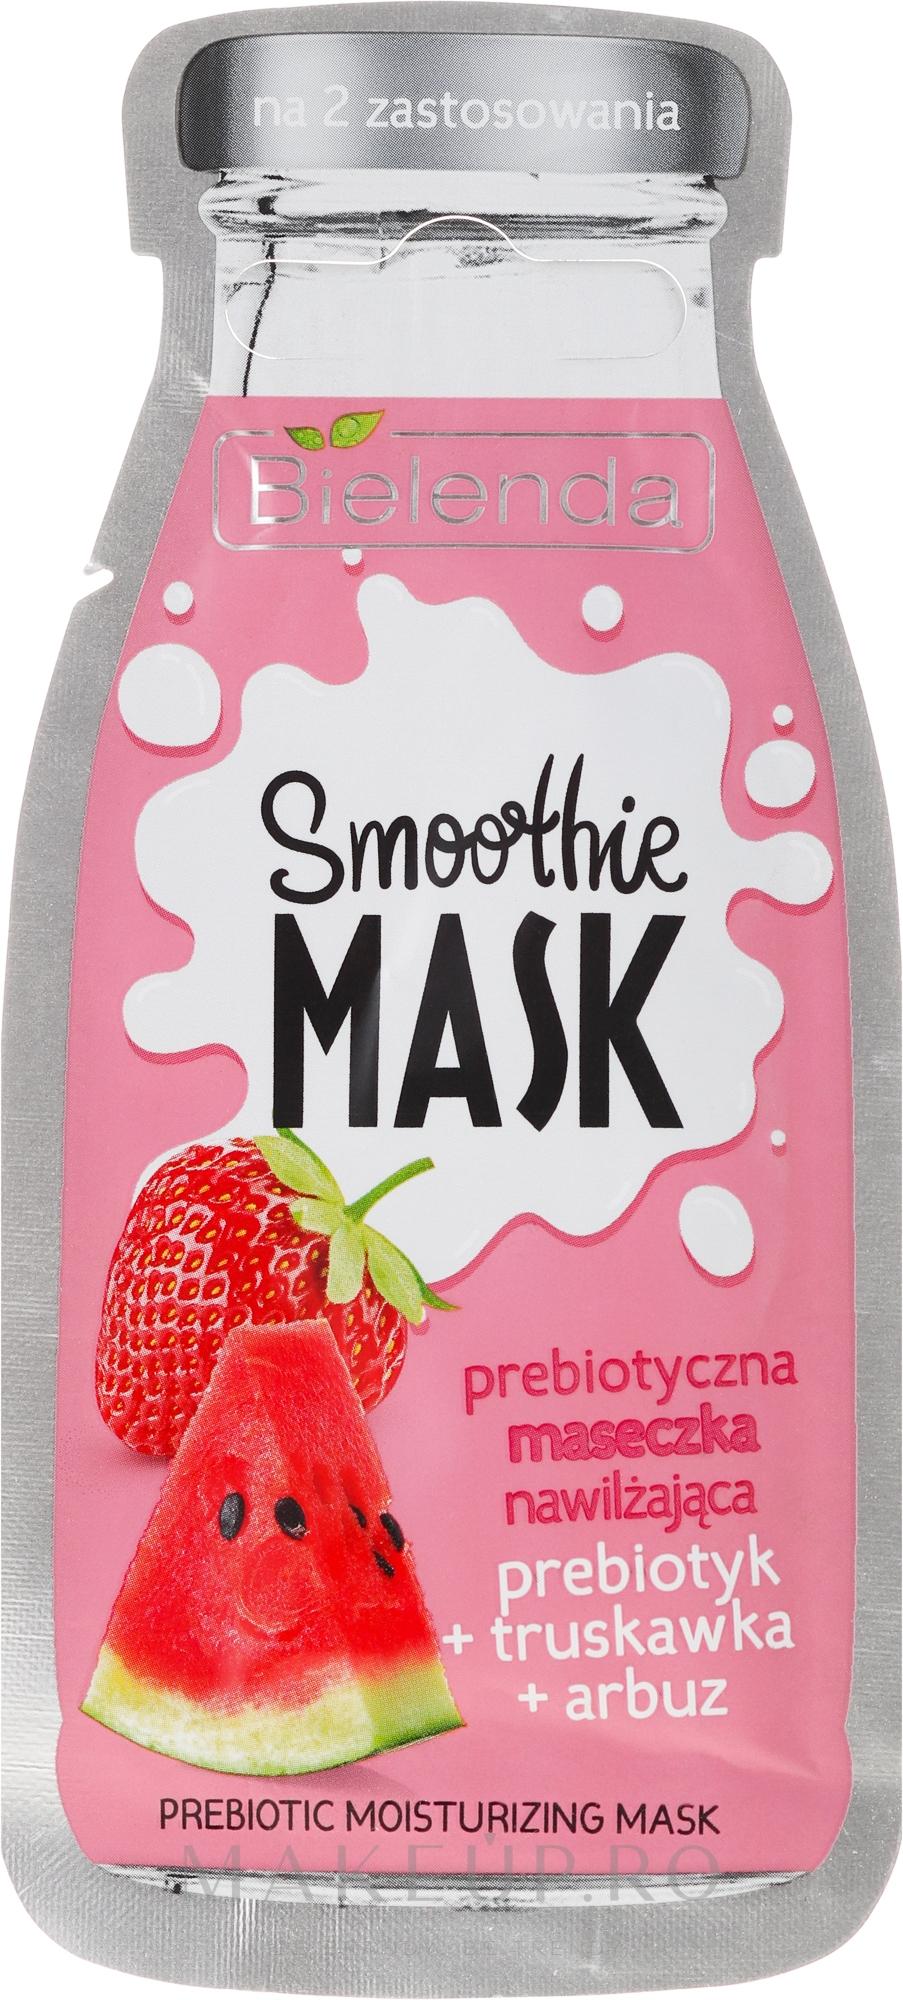 Mască de față - Bielenda Smoothie Mask Prebiotic Moisturizing Mask — Imagine 10 g